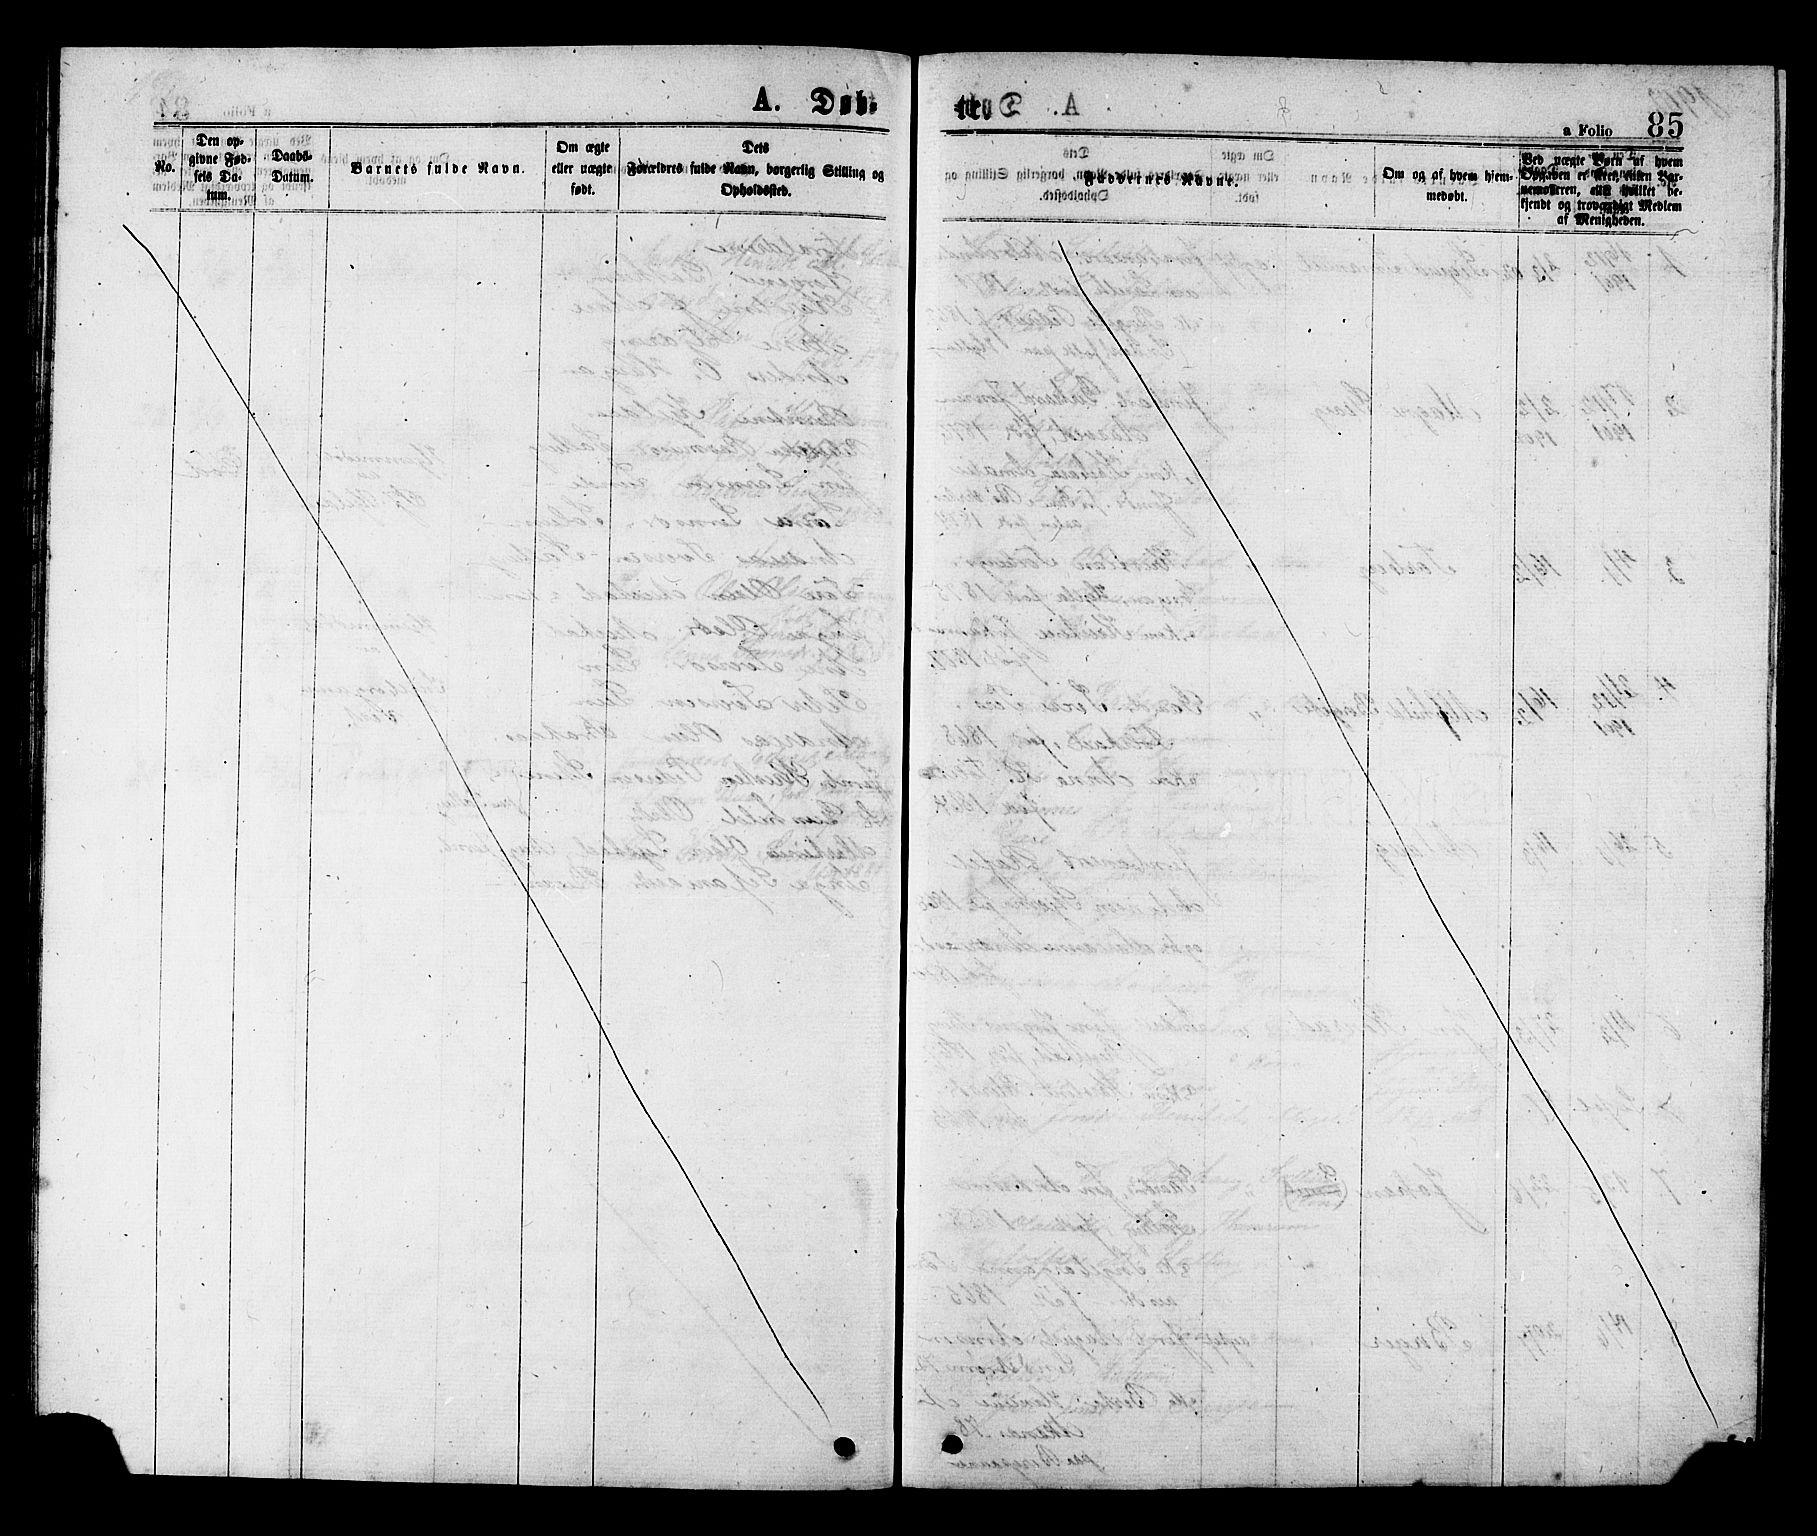 SAT, Ministerialprotokoller, klokkerbøker og fødselsregistre - Nord-Trøndelag, 731/L0311: Klokkerbok nr. 731C02, 1875-1911, s. 85